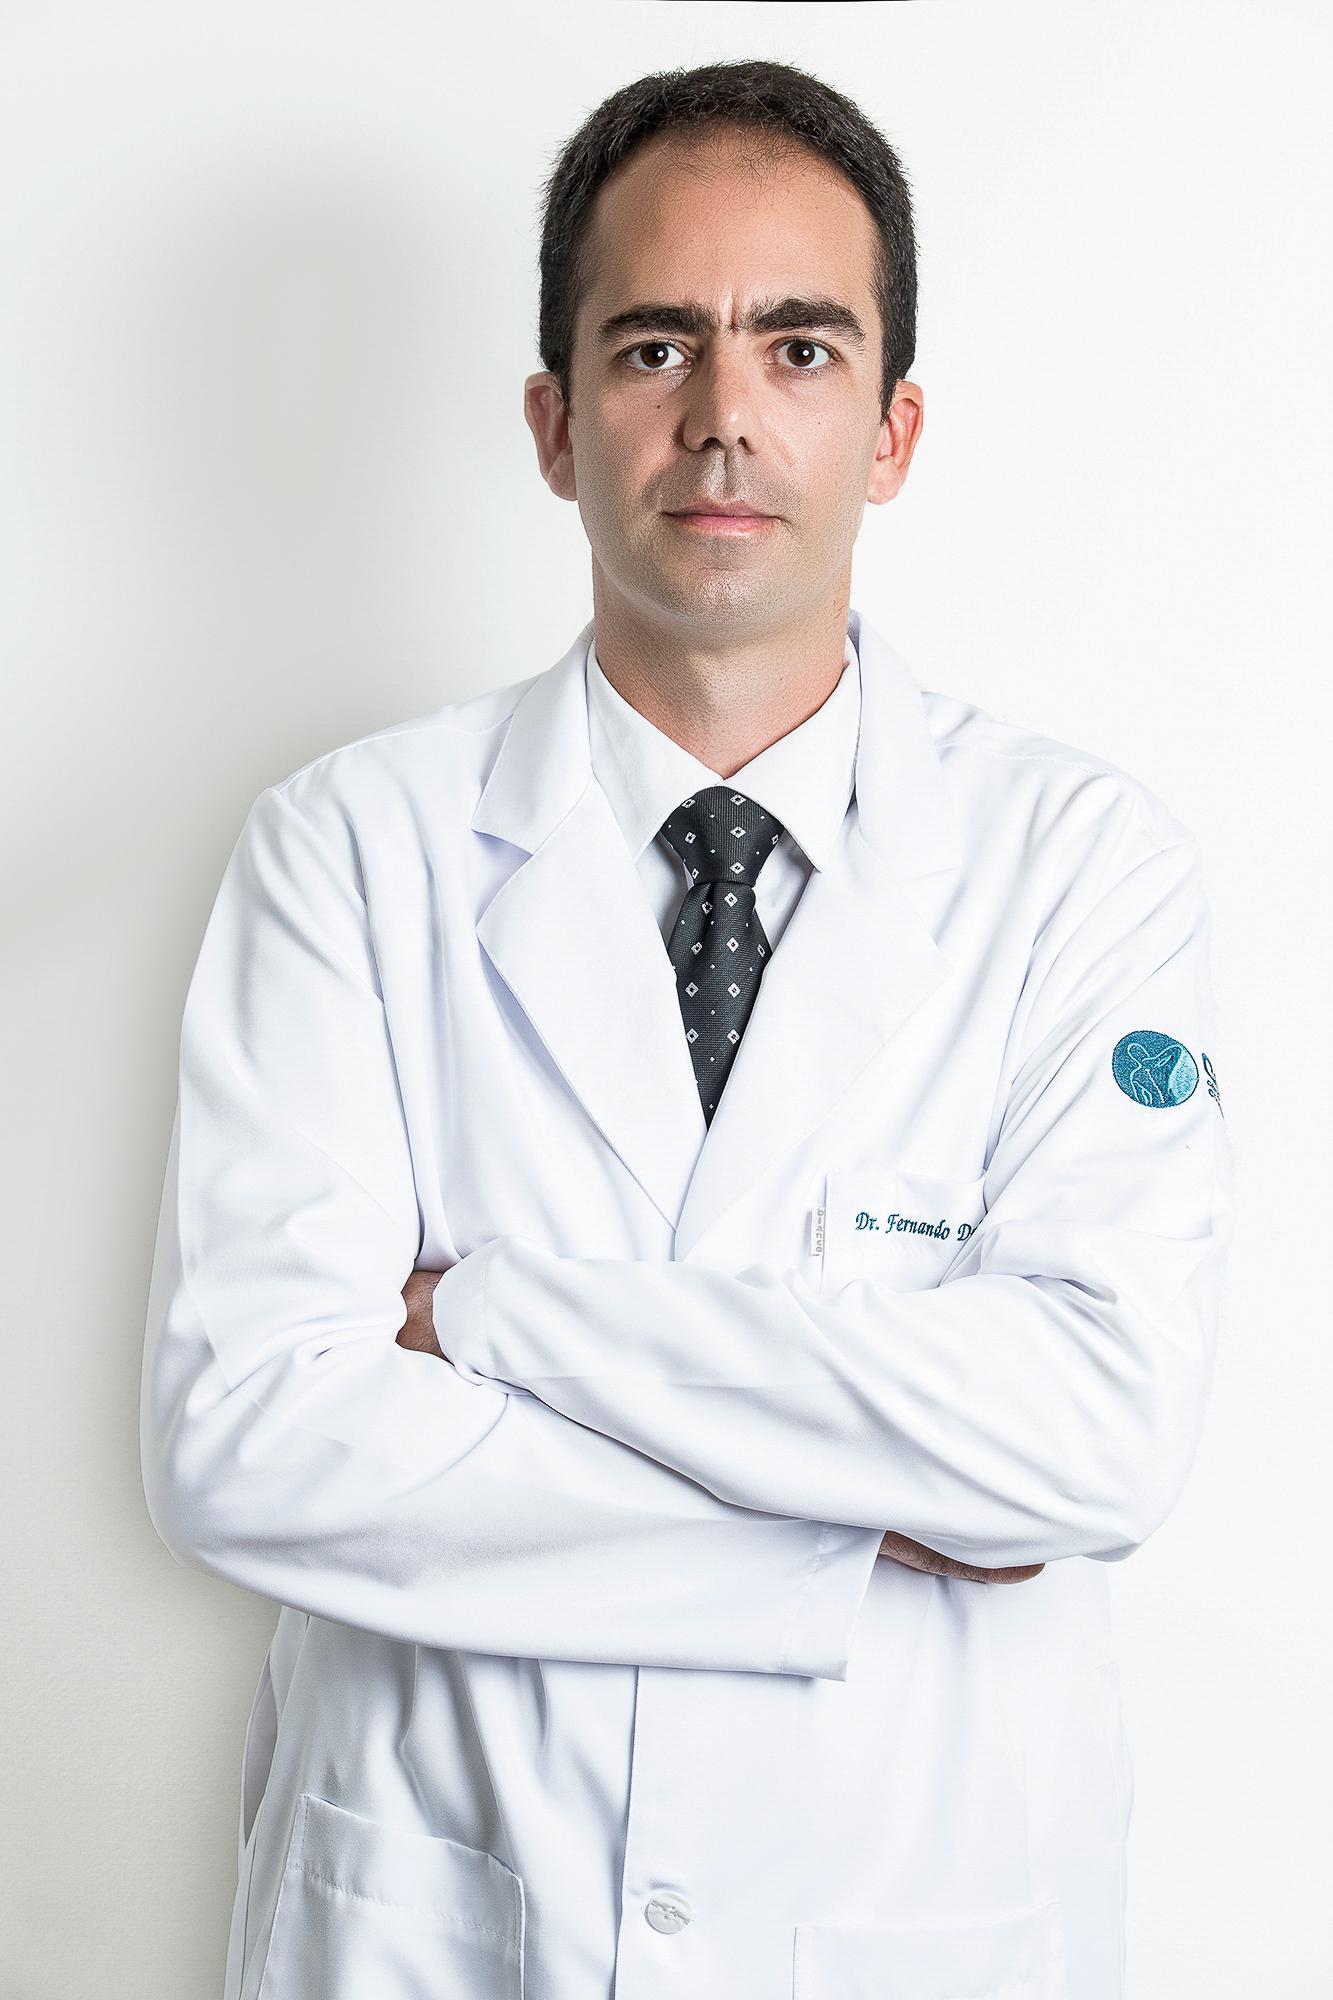 Fernando Delmonte Moreira